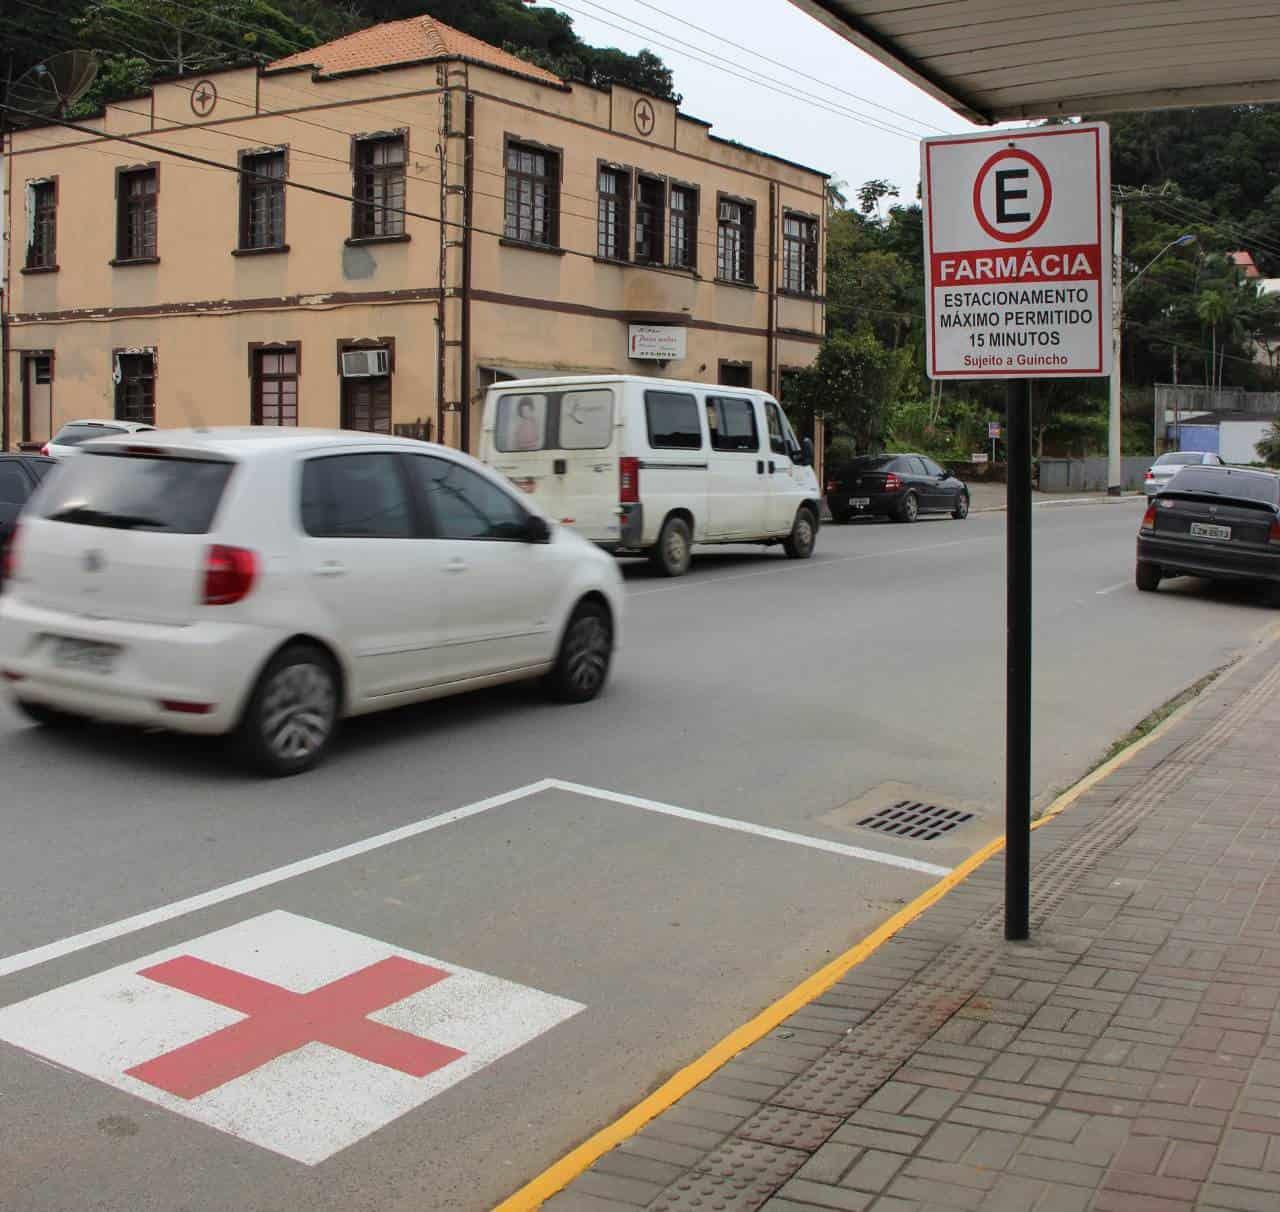 estacionamento rotativo responsabilidade